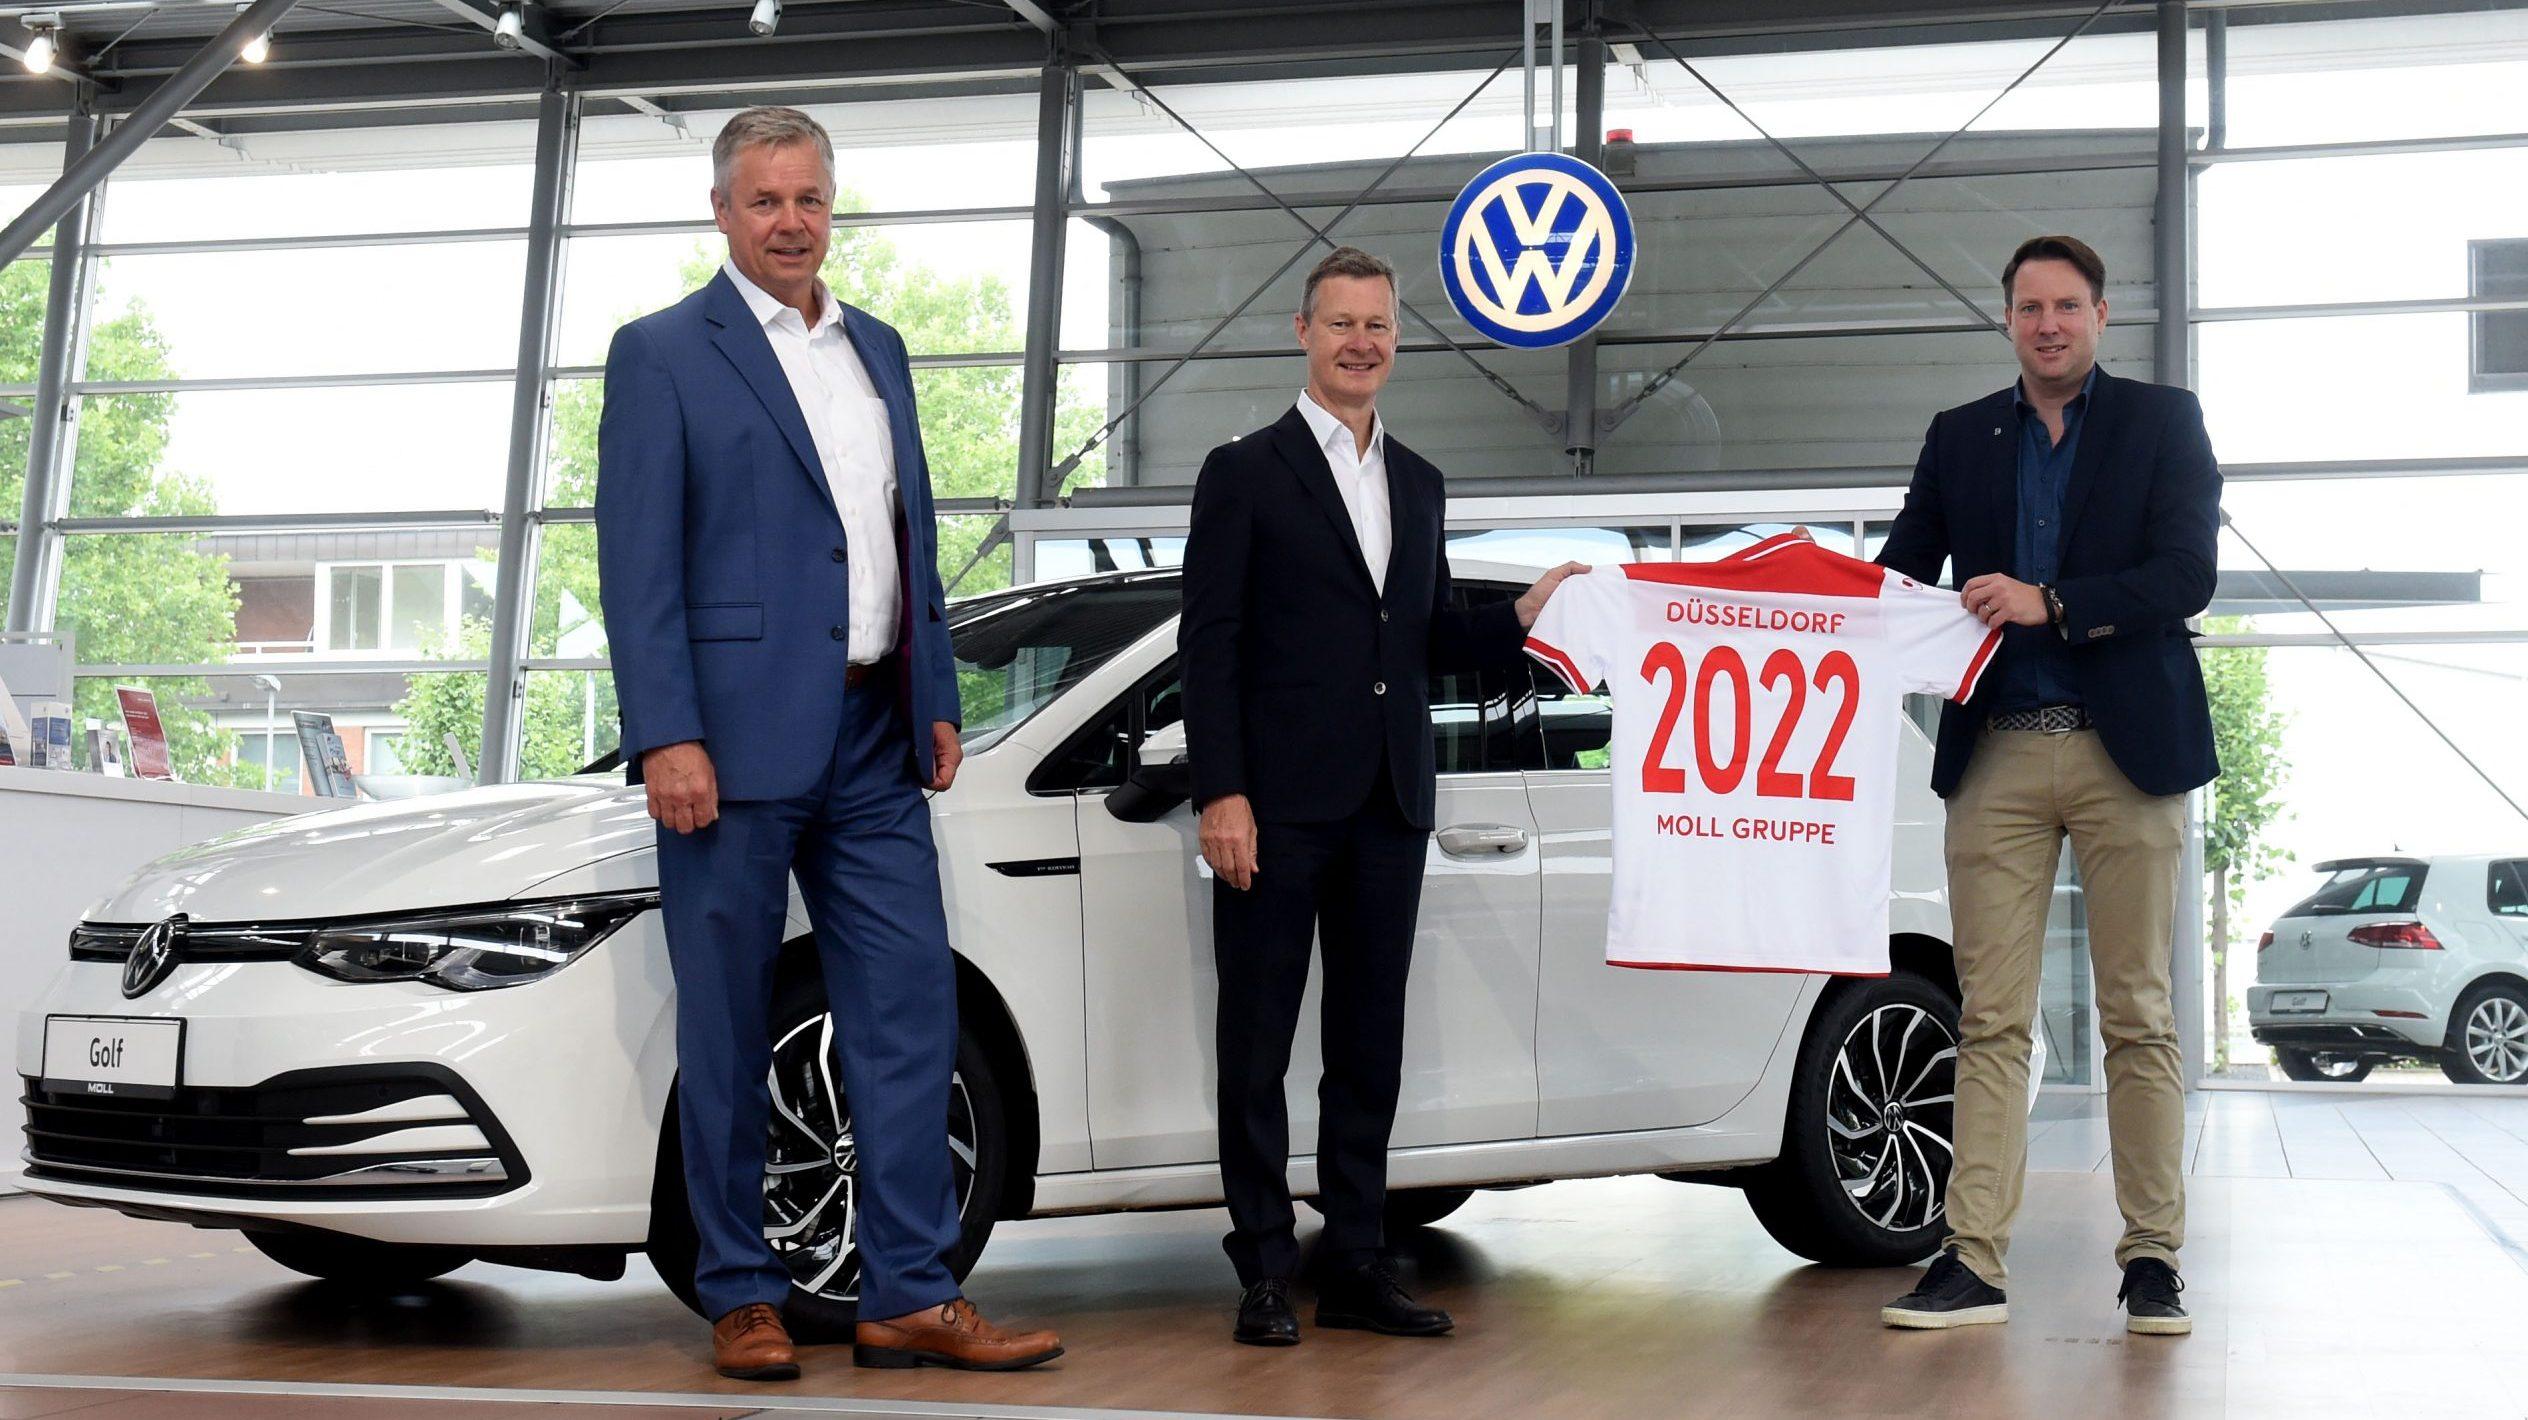 Moll Gruppe und VW werden neuer Automobilpartner